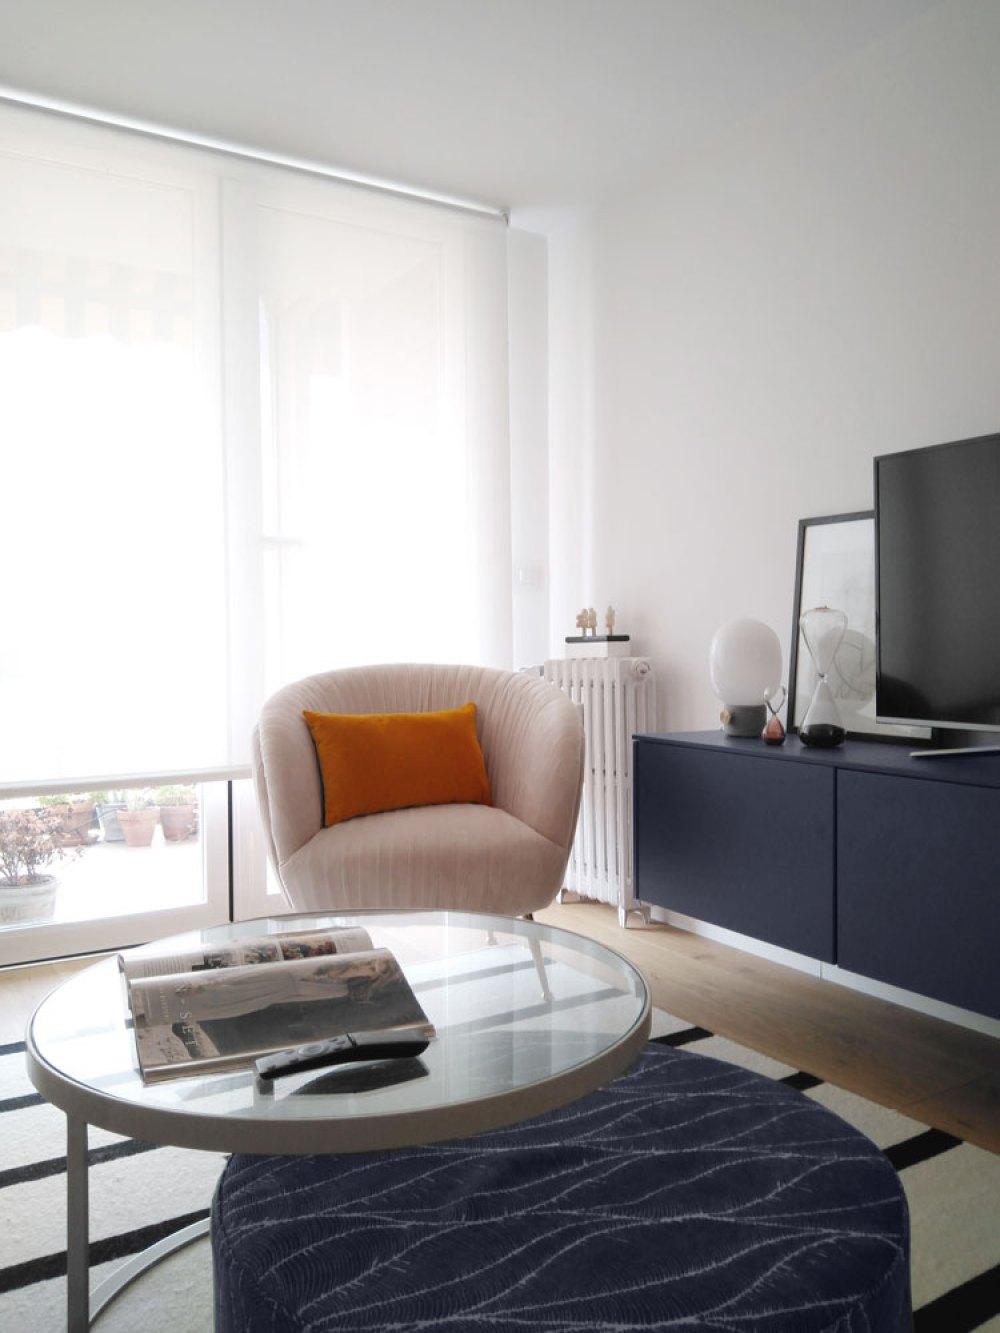 mueble de televisión y butaca del salón